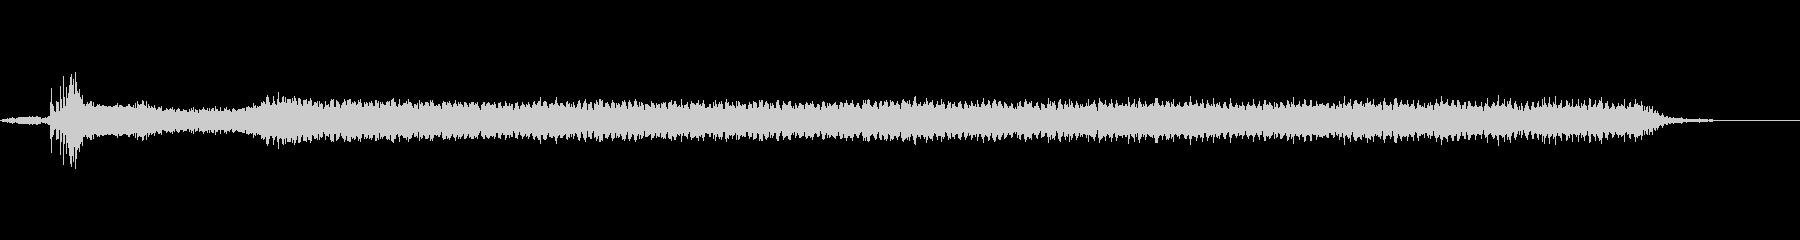 ボート、バスターラージ2008、エ...の未再生の波形